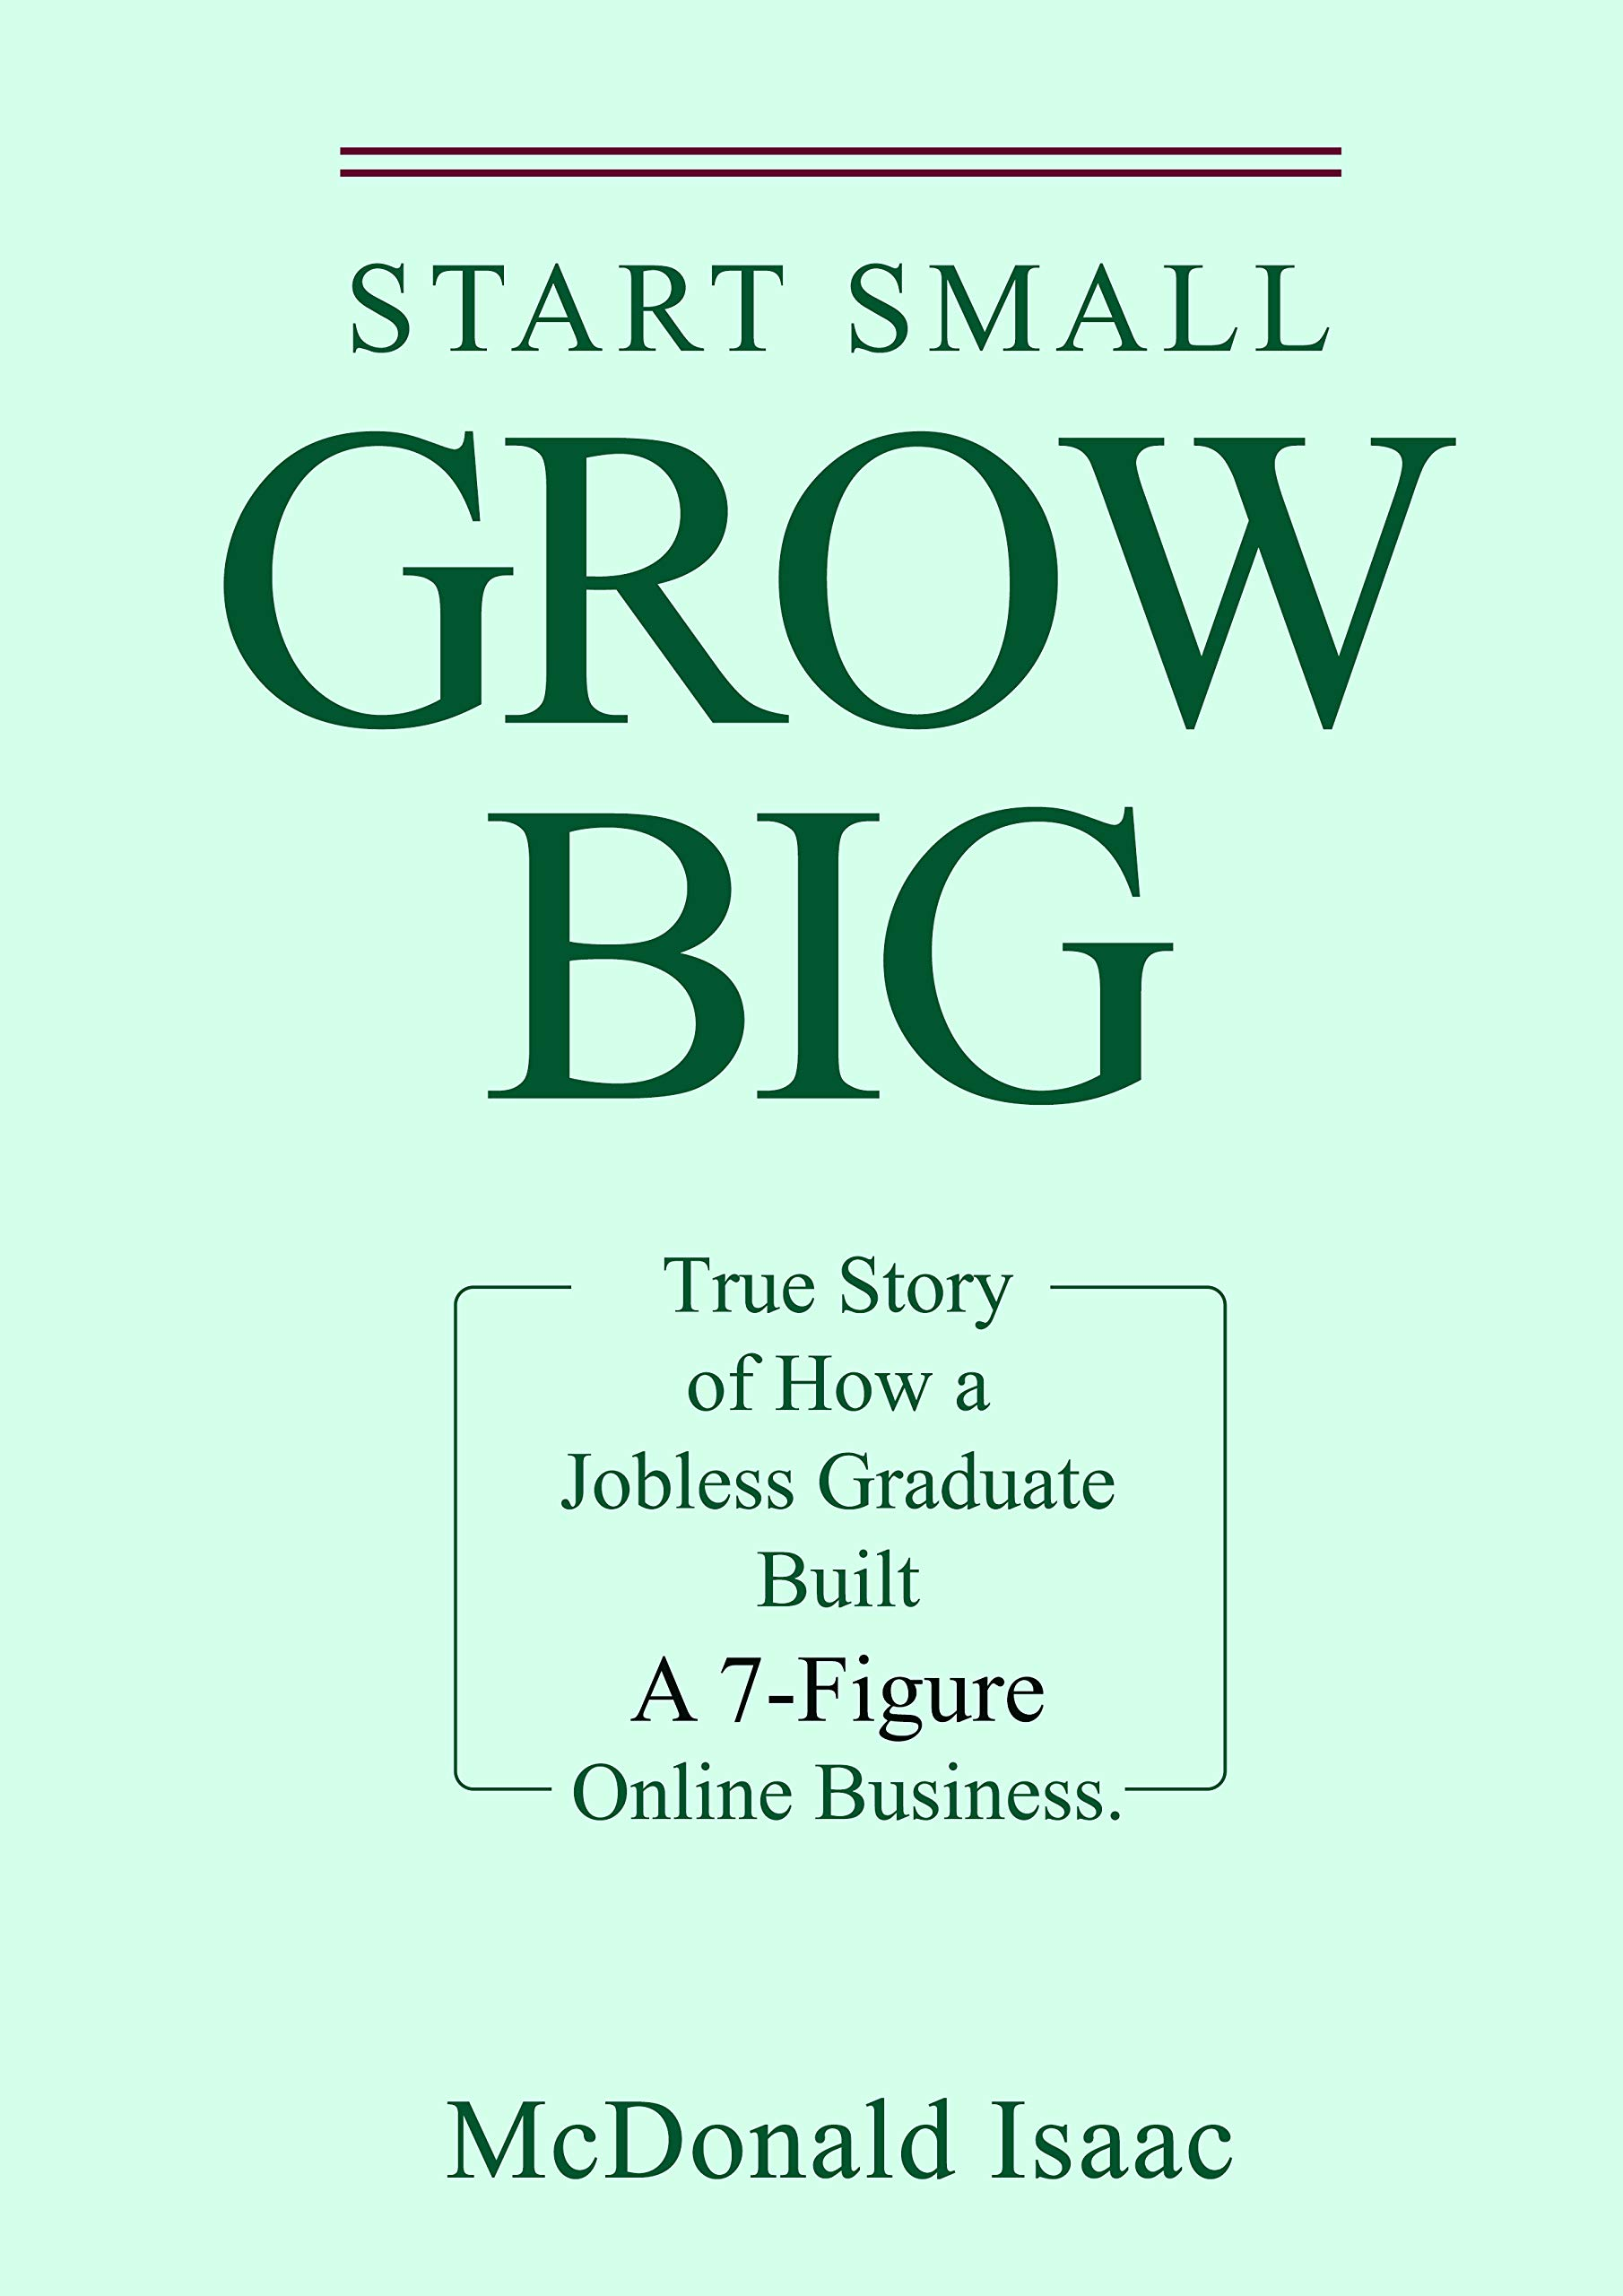 Start Small-Grow Big : True Story Of How A Jobless Graduate Built A 7-Figure Online Business